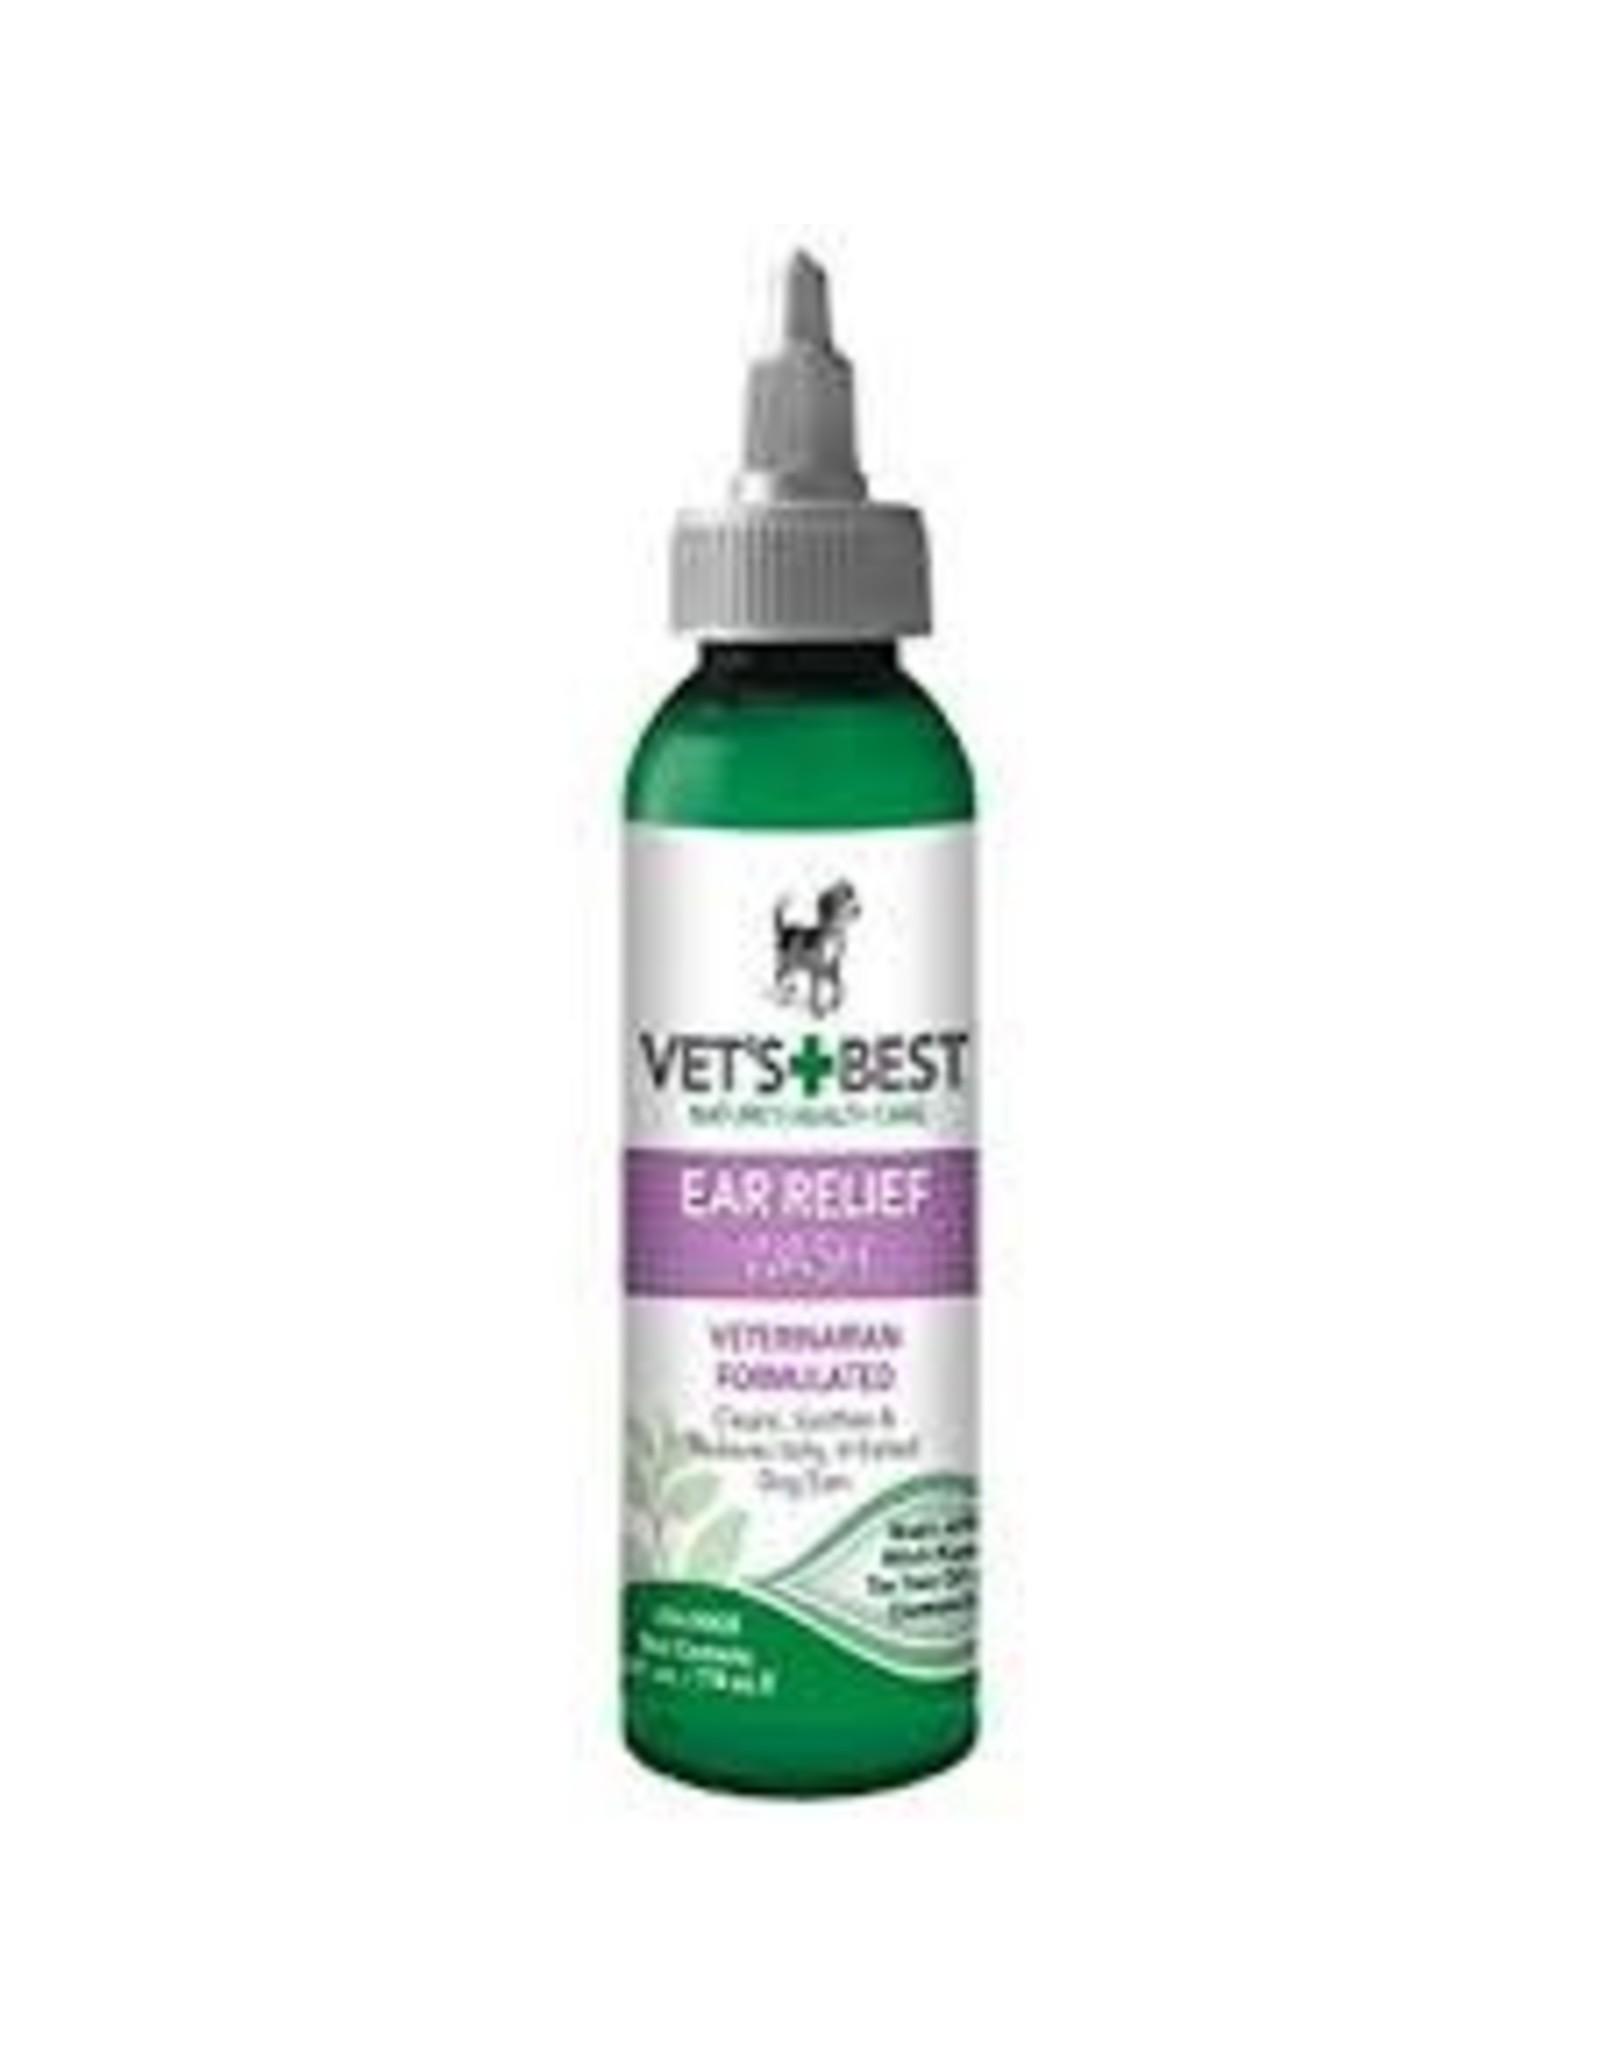 VET'S BEST VET'S BEST EAR WASH 4 OZ